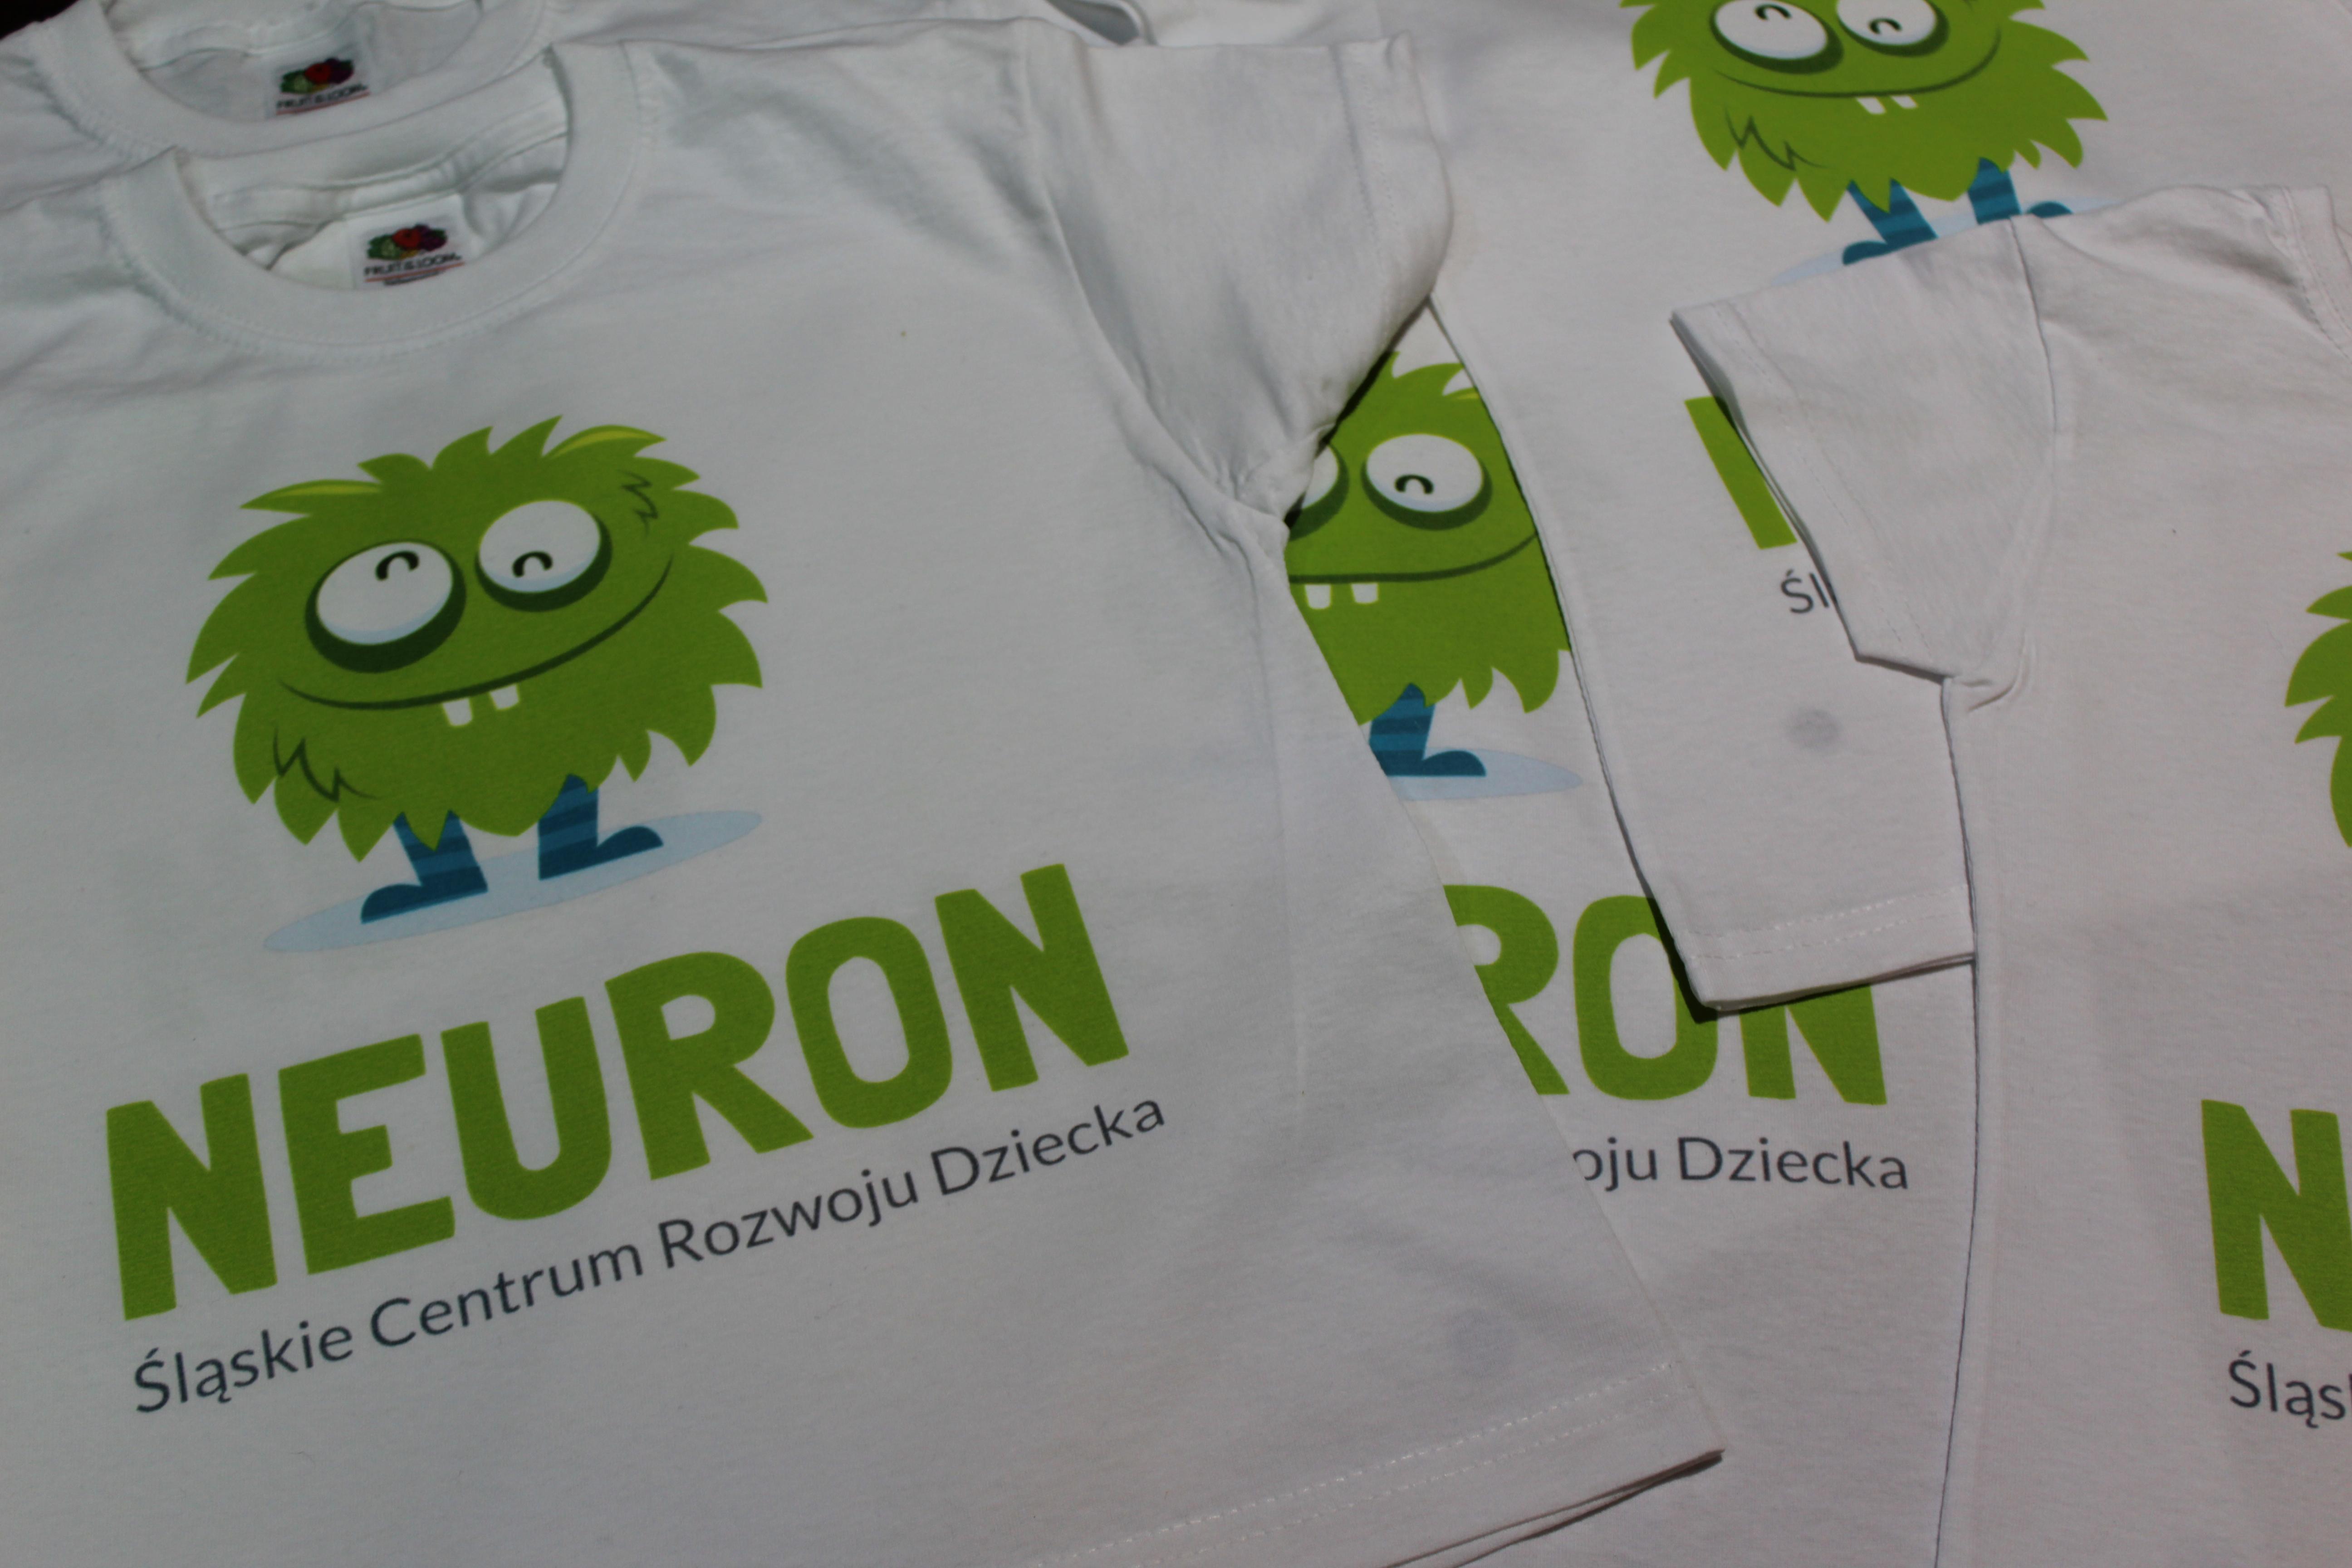 Koszulki dla dzieci koszulki dla organizacji publicznych